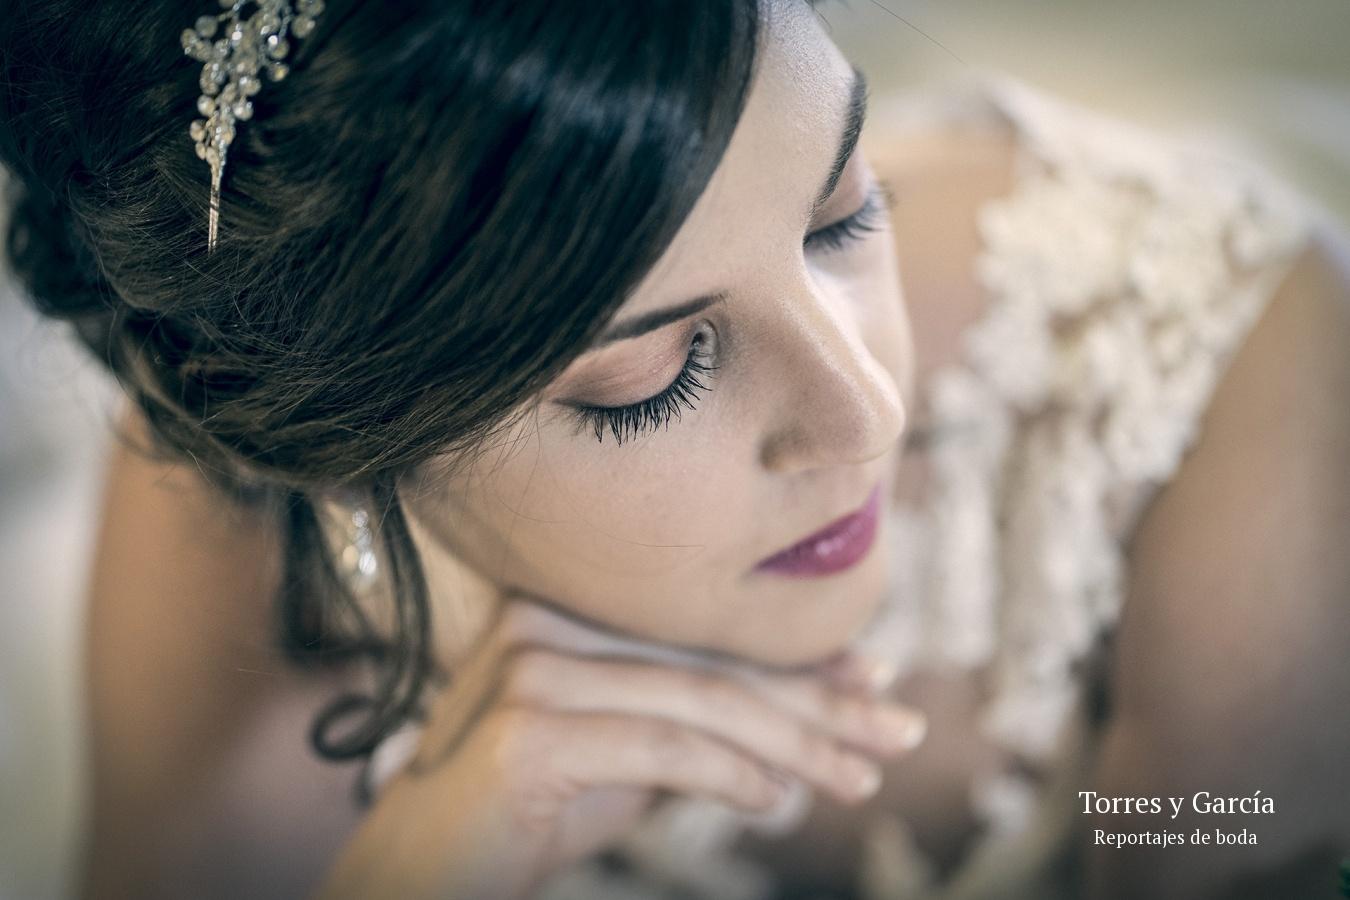 detalle del maquillaje de la novia - Fotografías - Libros y reportajes de boda diferentes.